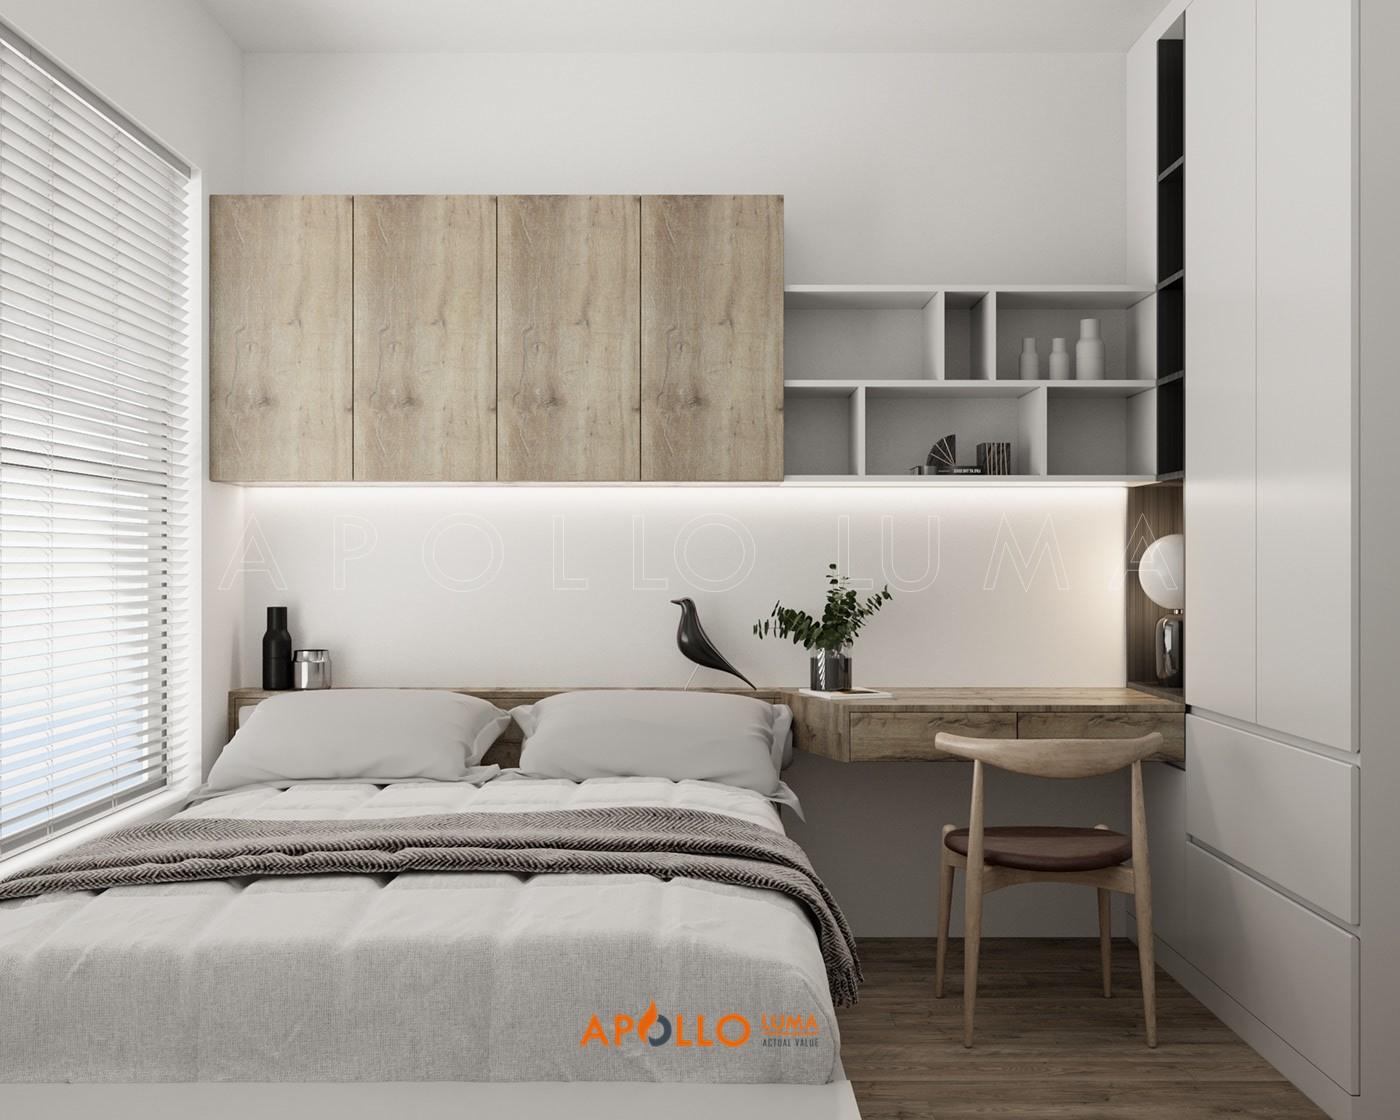 Thiết kế nội thất căn 3 phòng ngủ S2.03-06 Vinhomes Smart City